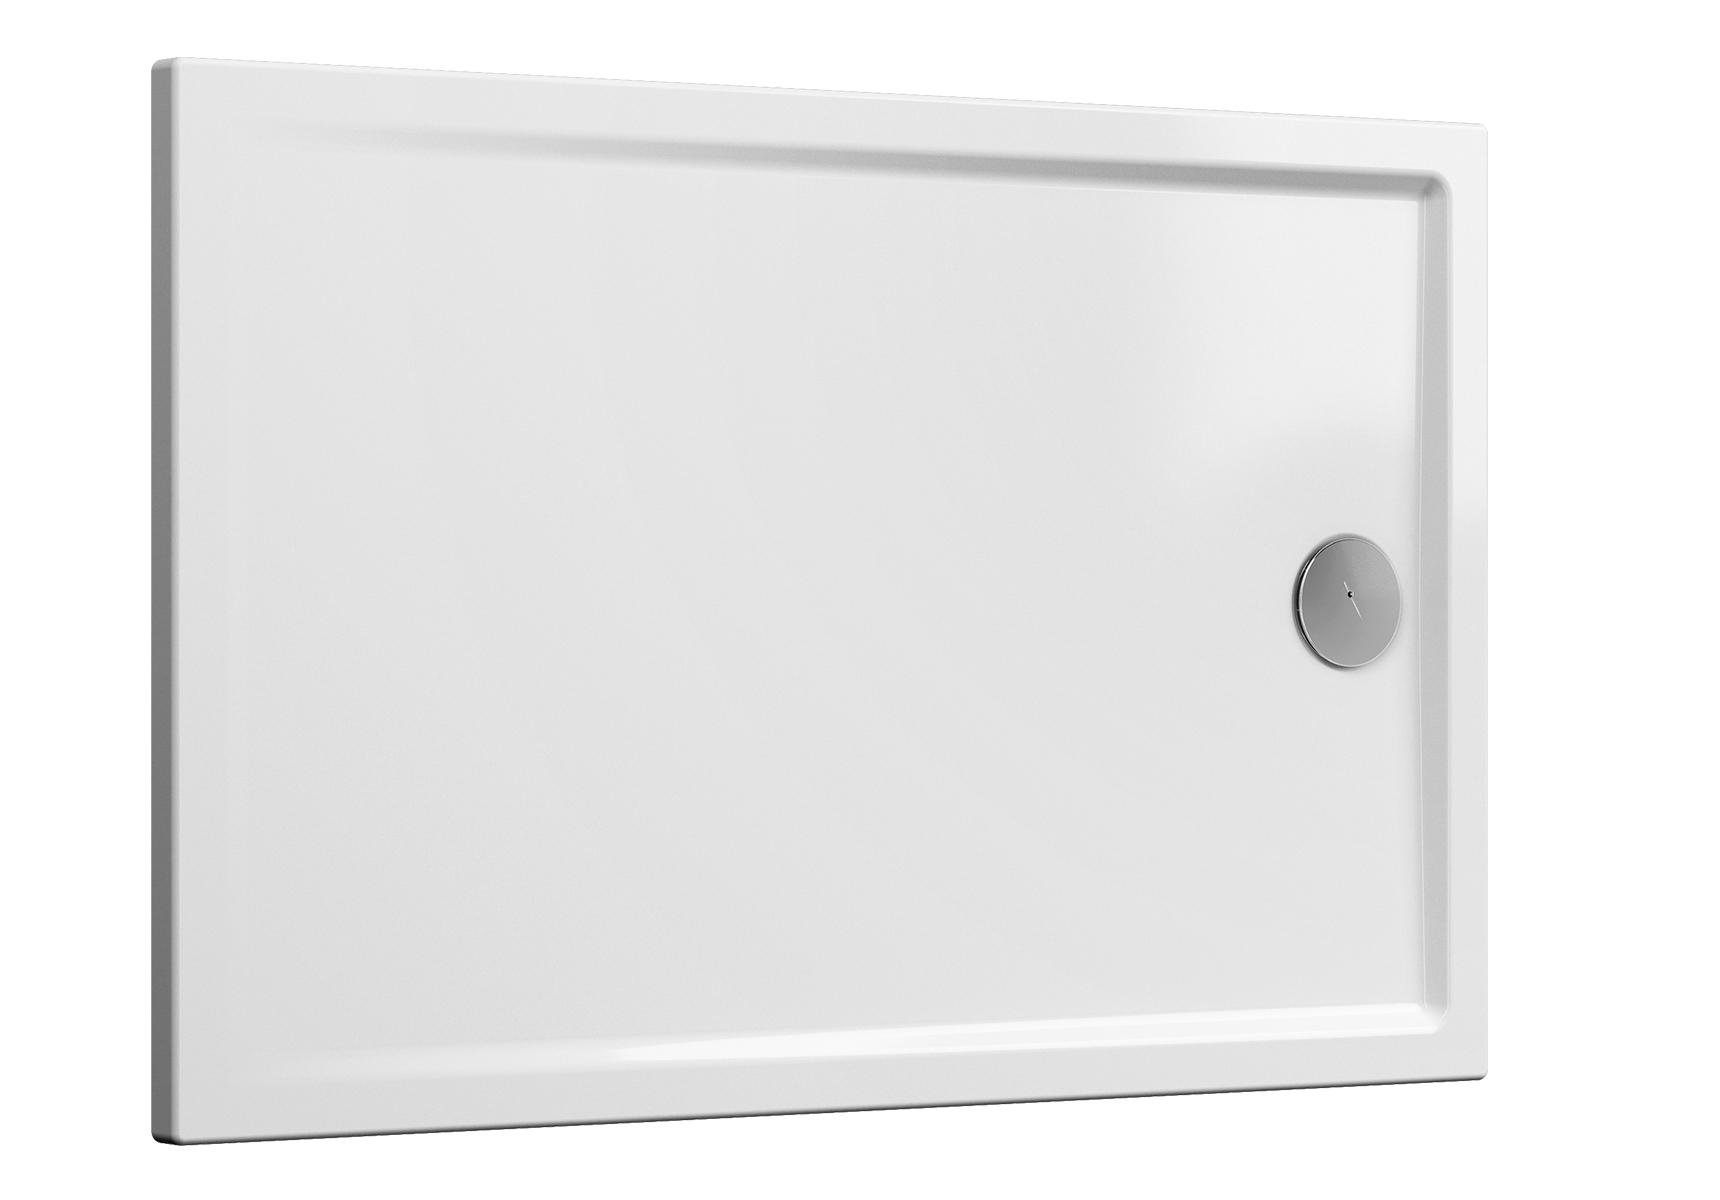 Cascade receveur ultra plat en céramique, 140  x  90 cm, blanc